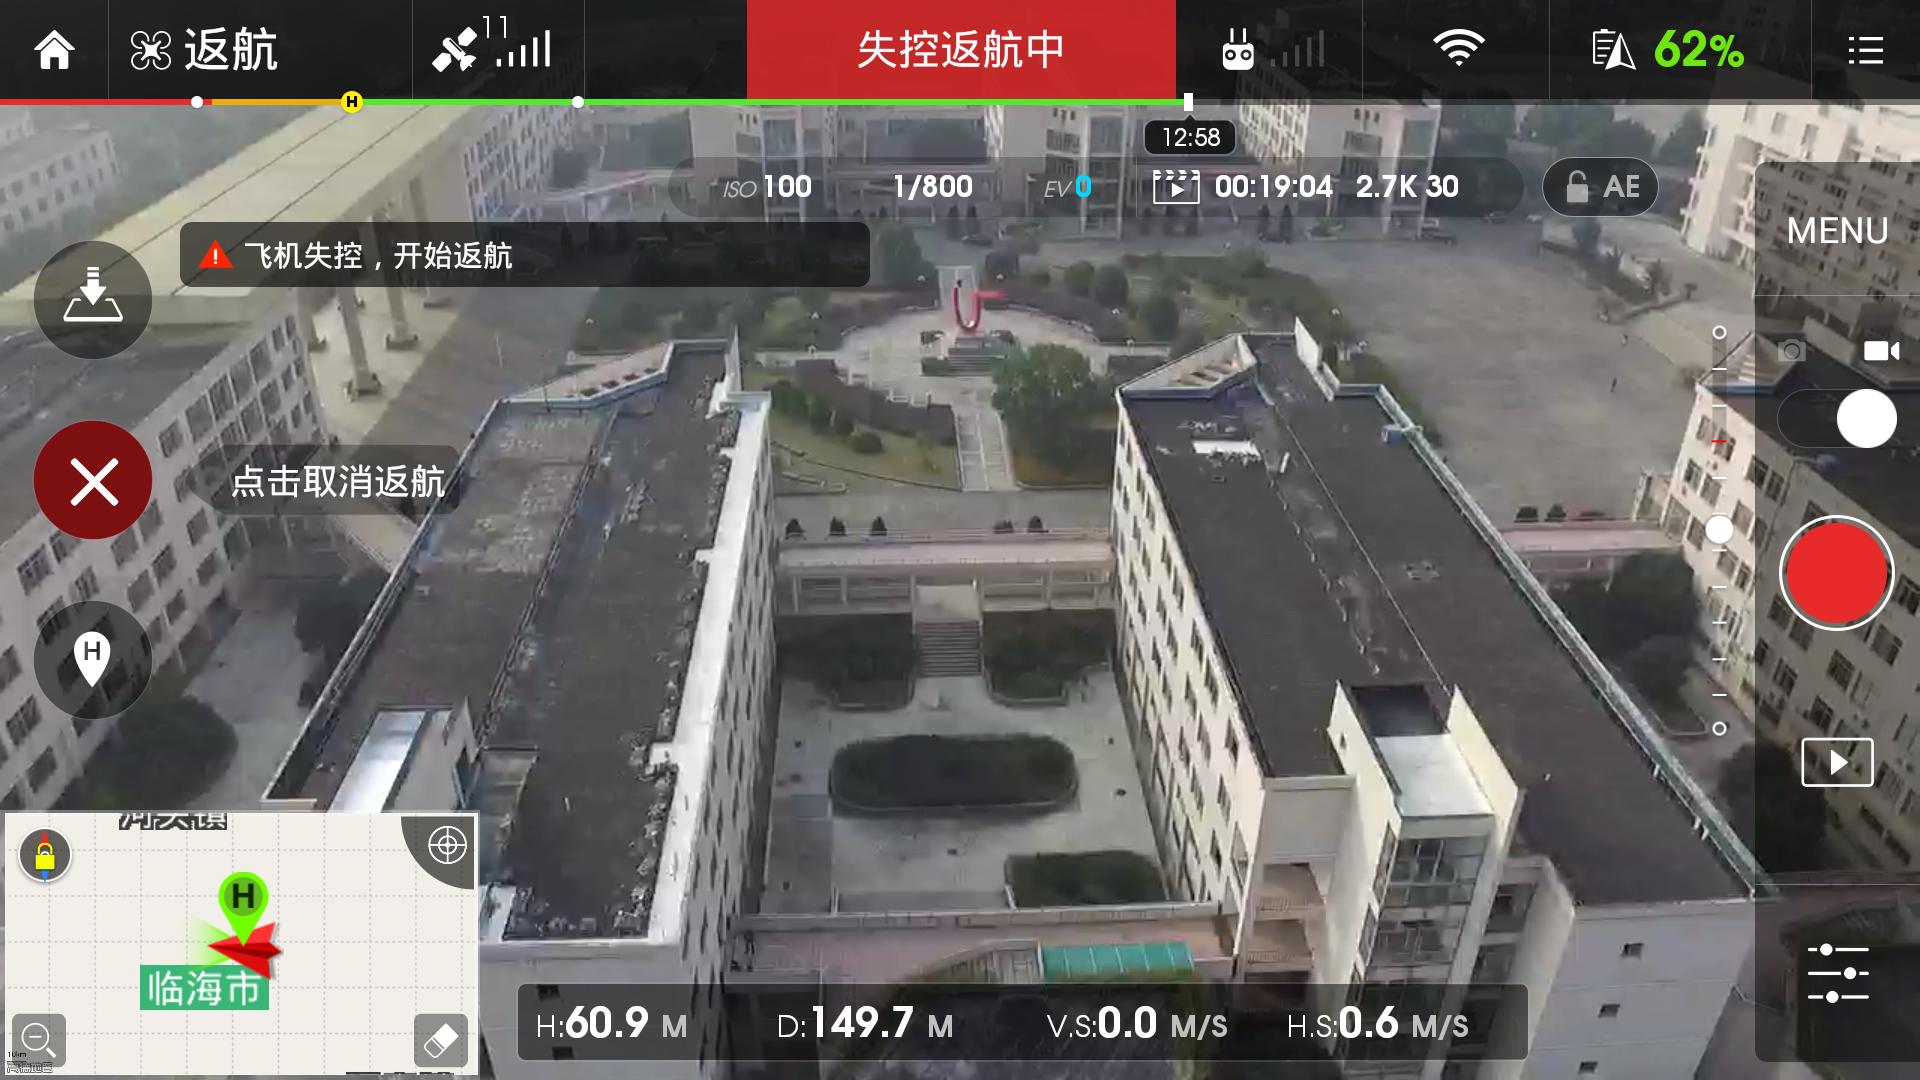 Screenshot_2015-12-31-14-30-49_dji.pilot.png